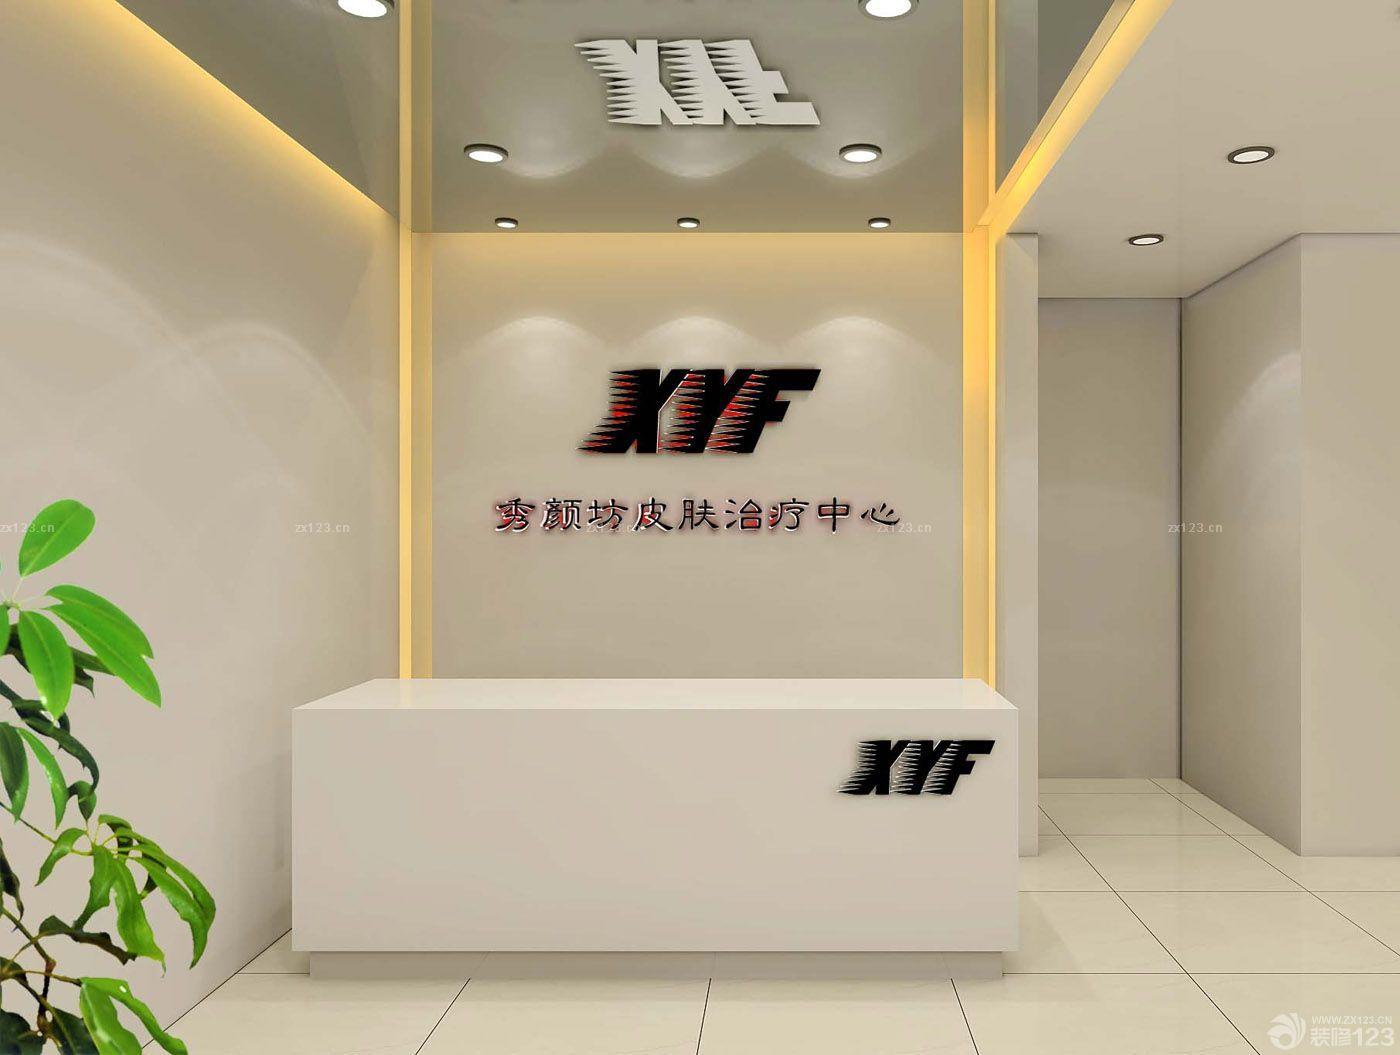 公司形象墙设计效果图片大全